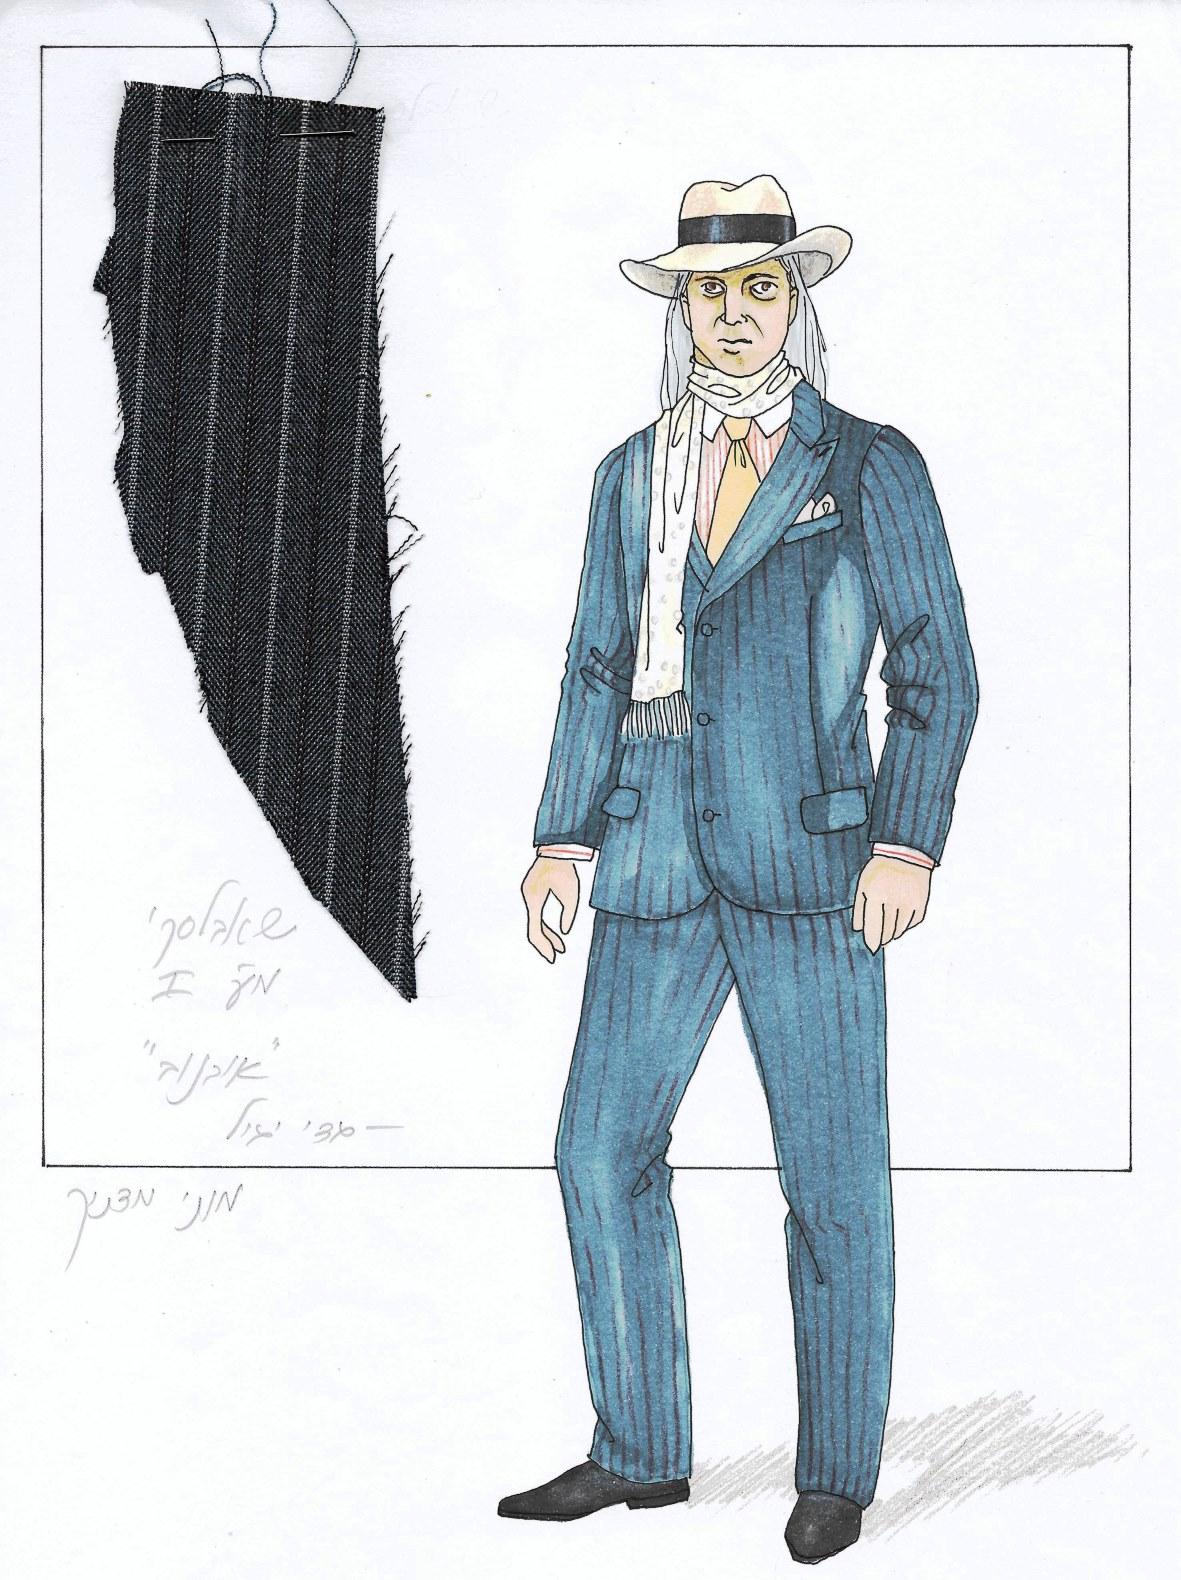 ארון הבגדים הגברי. מוני מדניק